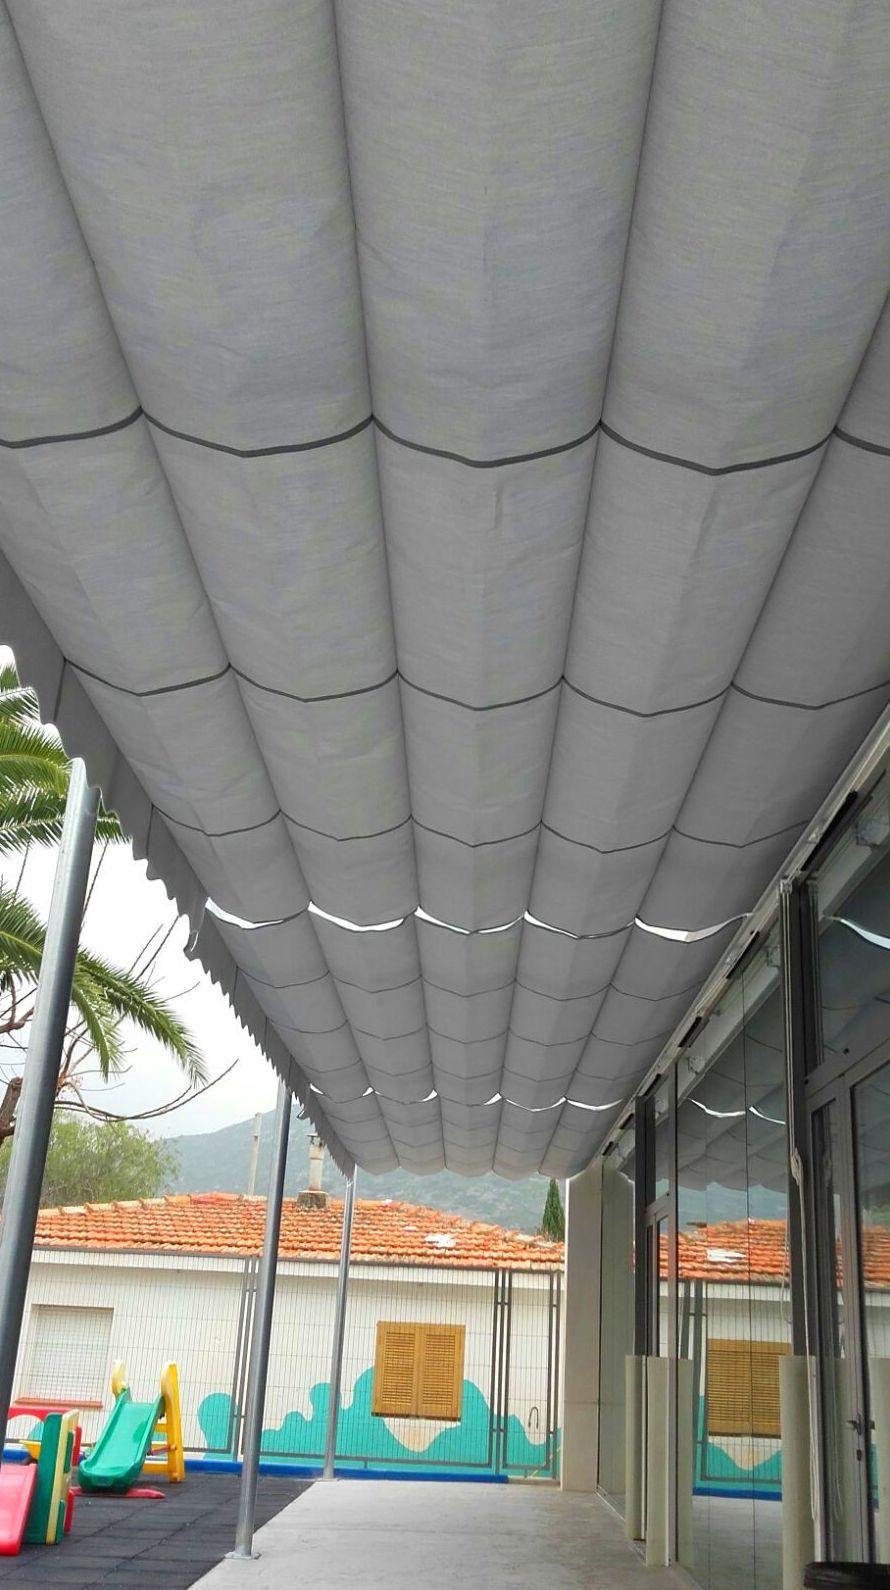 Montaje de estructura para toldo en guarderia